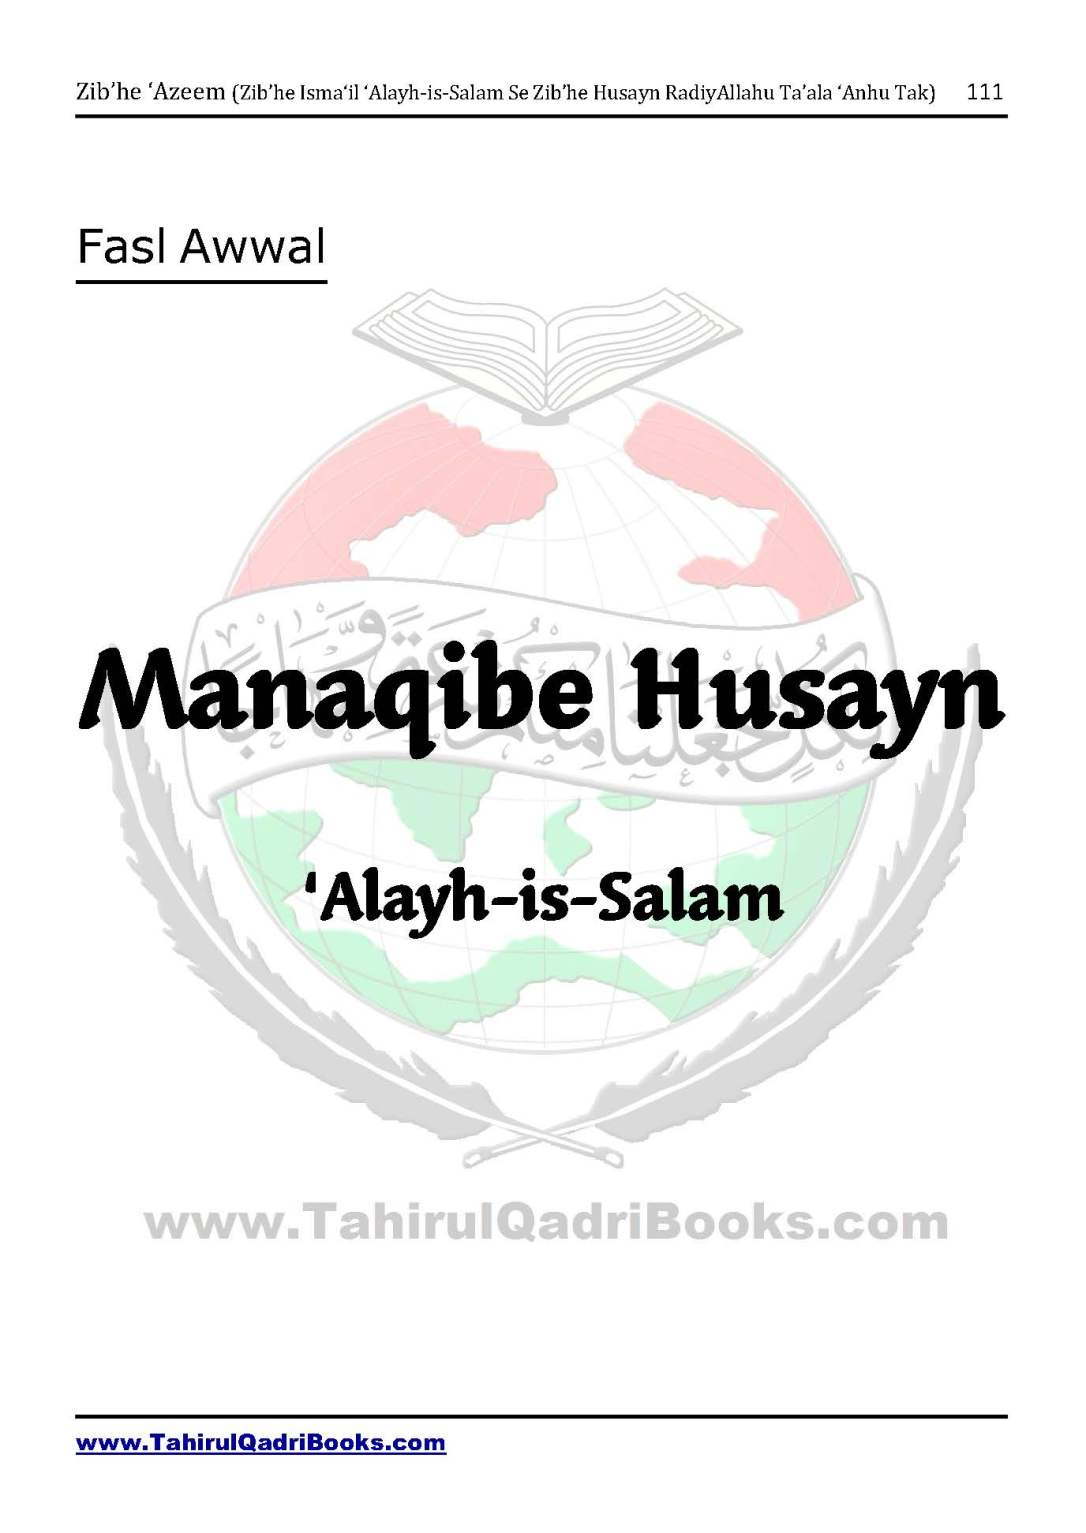 zib_he-e28098azeem-zib_he-ismacabbil-se-zib_he-husayn-tak-in-roman-urdu-unlocked_Page_111